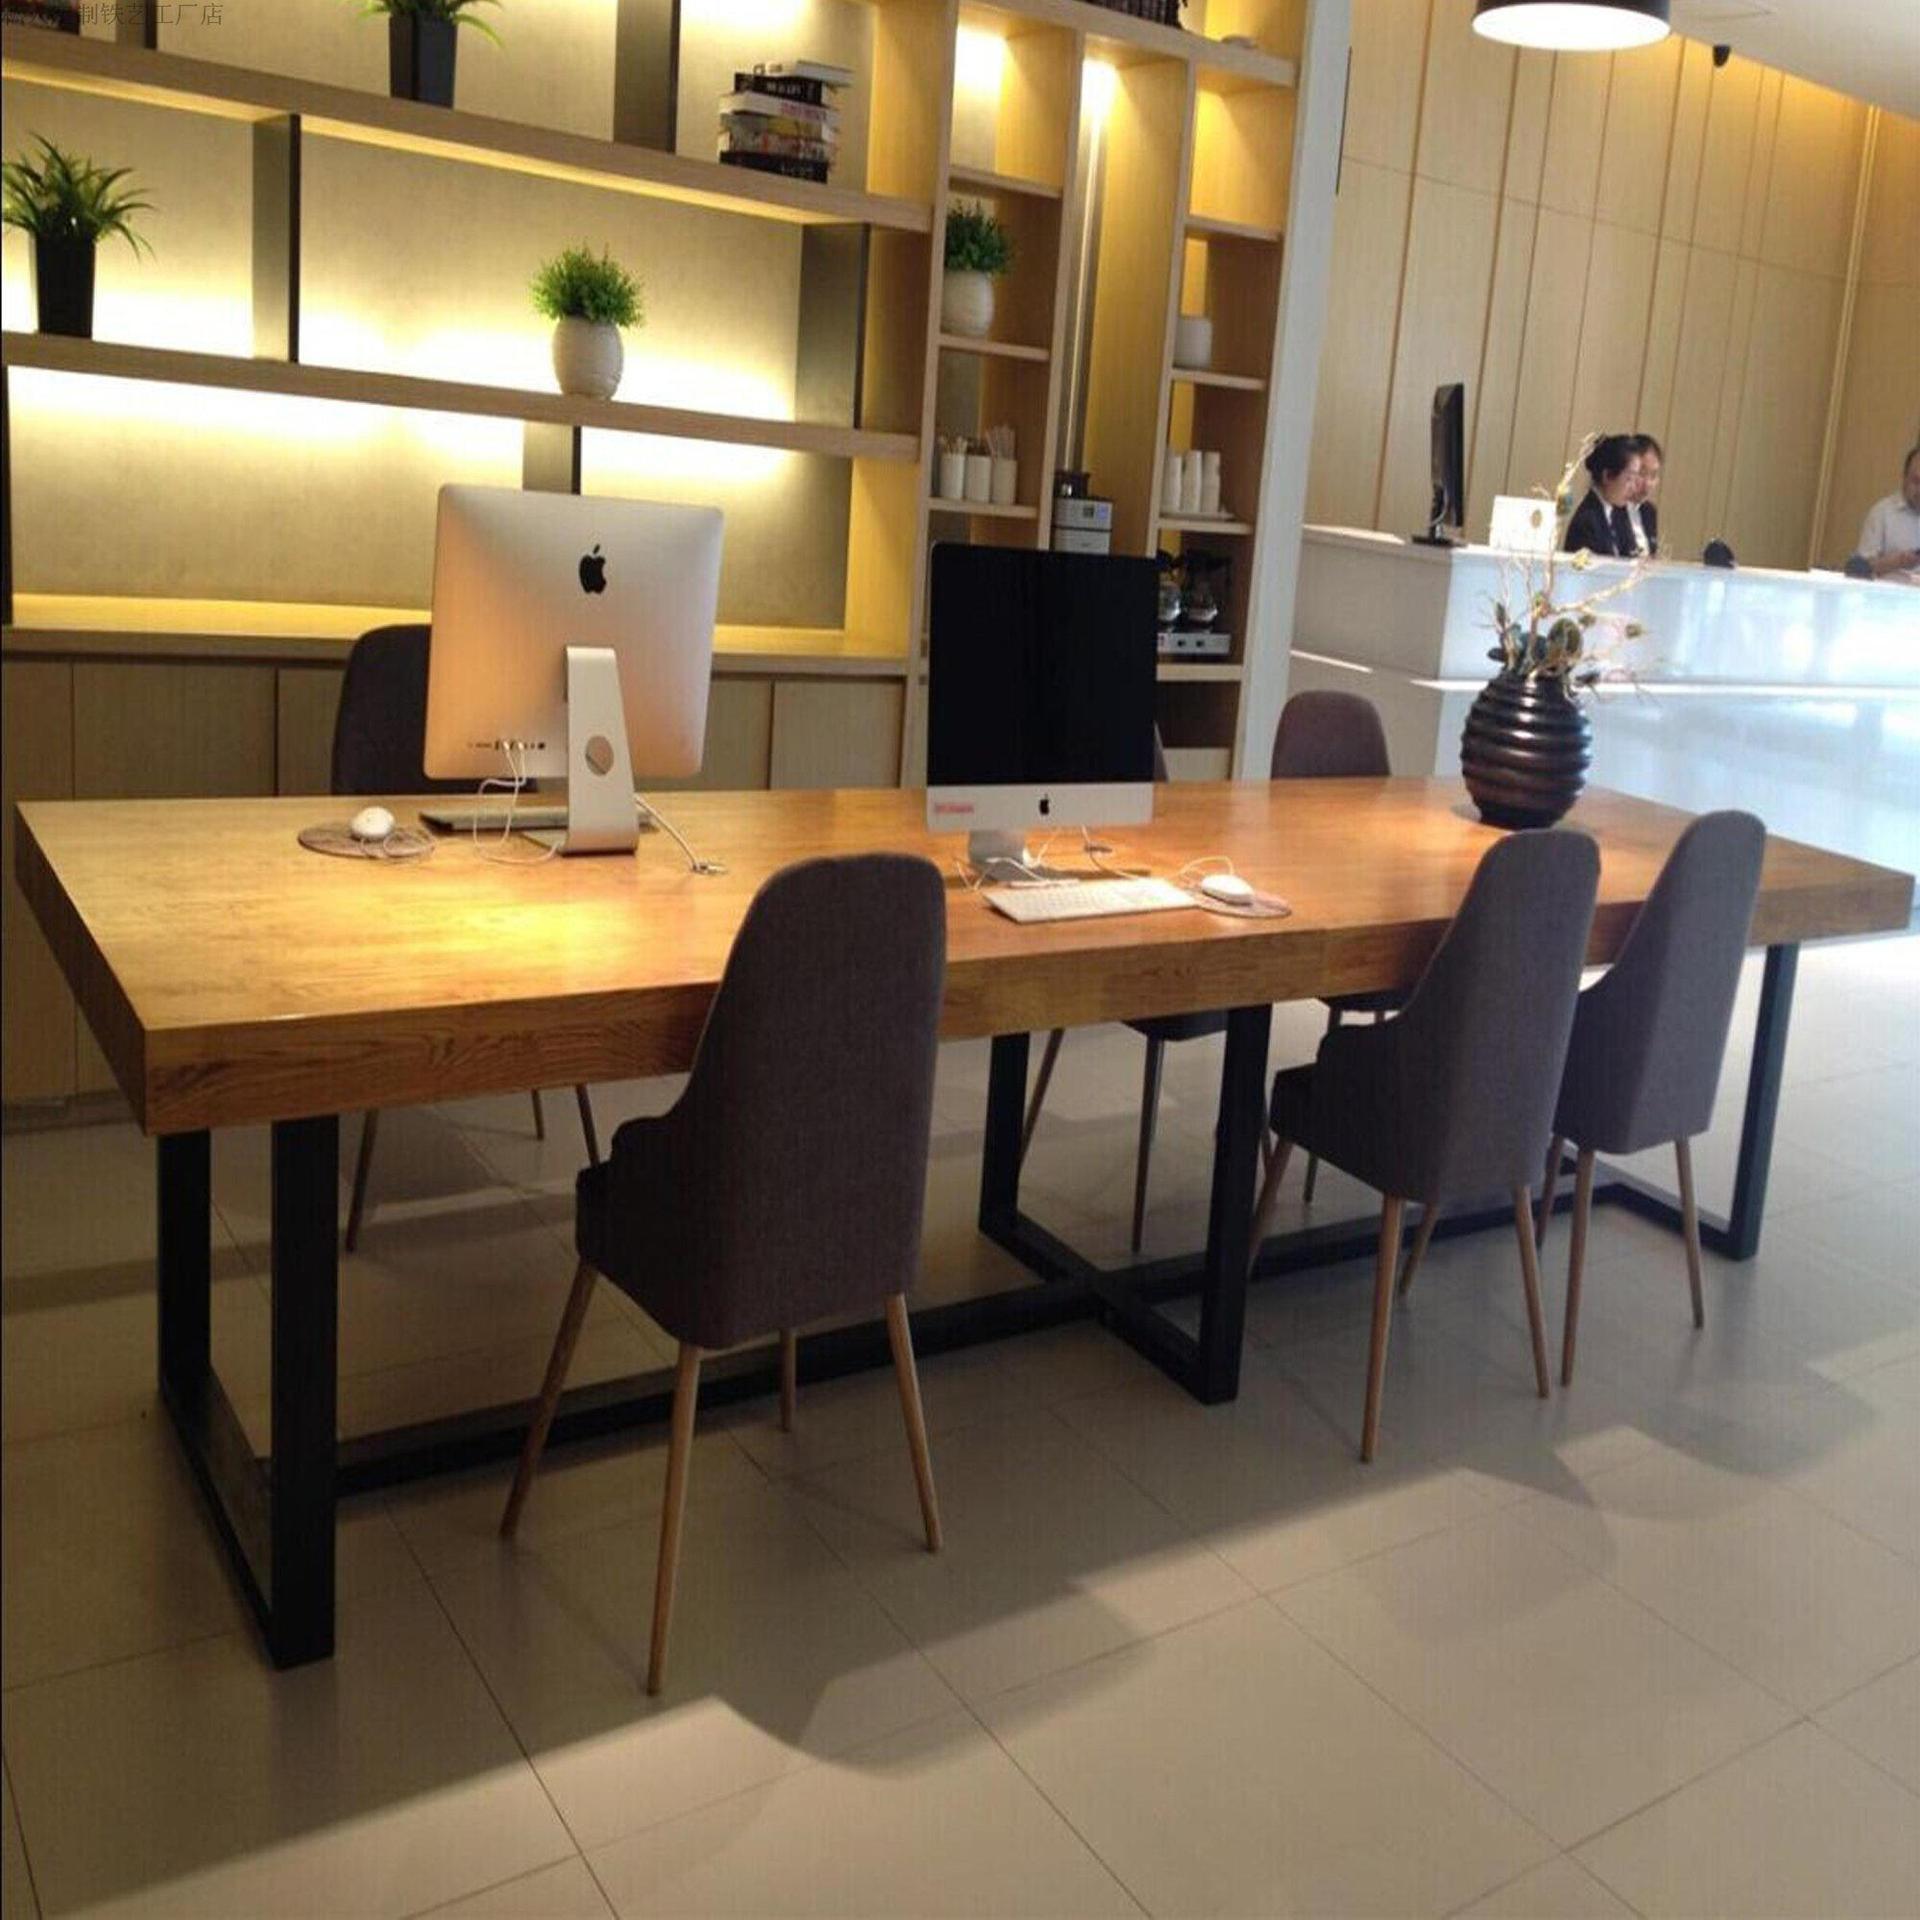 DINGJIANG Thị trường nội thất văn phòng Bàn ghế gỗ rắn Bắc Âu Sáng tạo bàn hội nghị sắt rèn Bàn đào